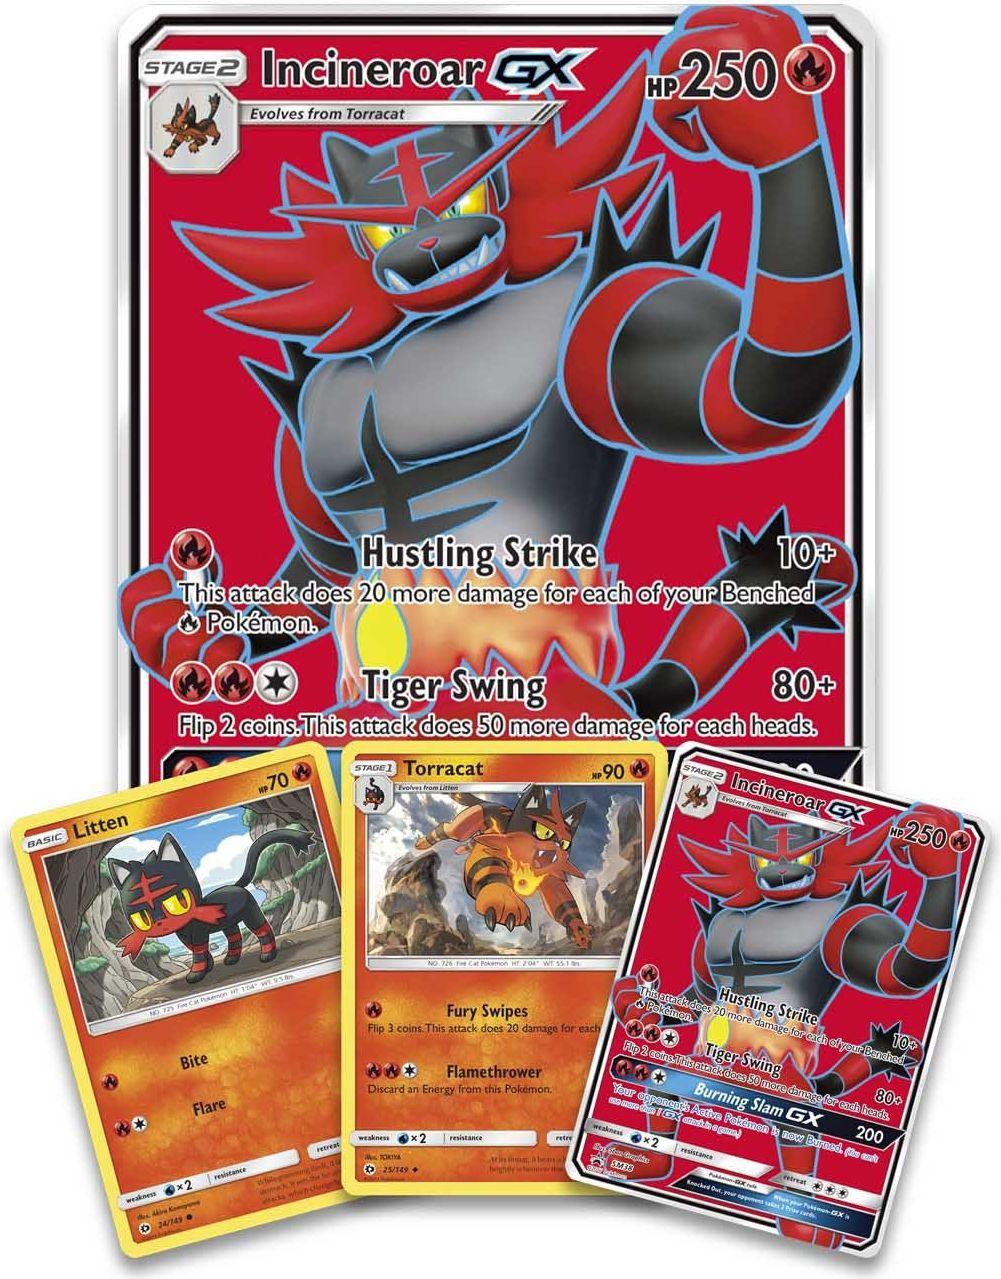 Pokémon TCG: Incineroar-GX Premium Collection cards